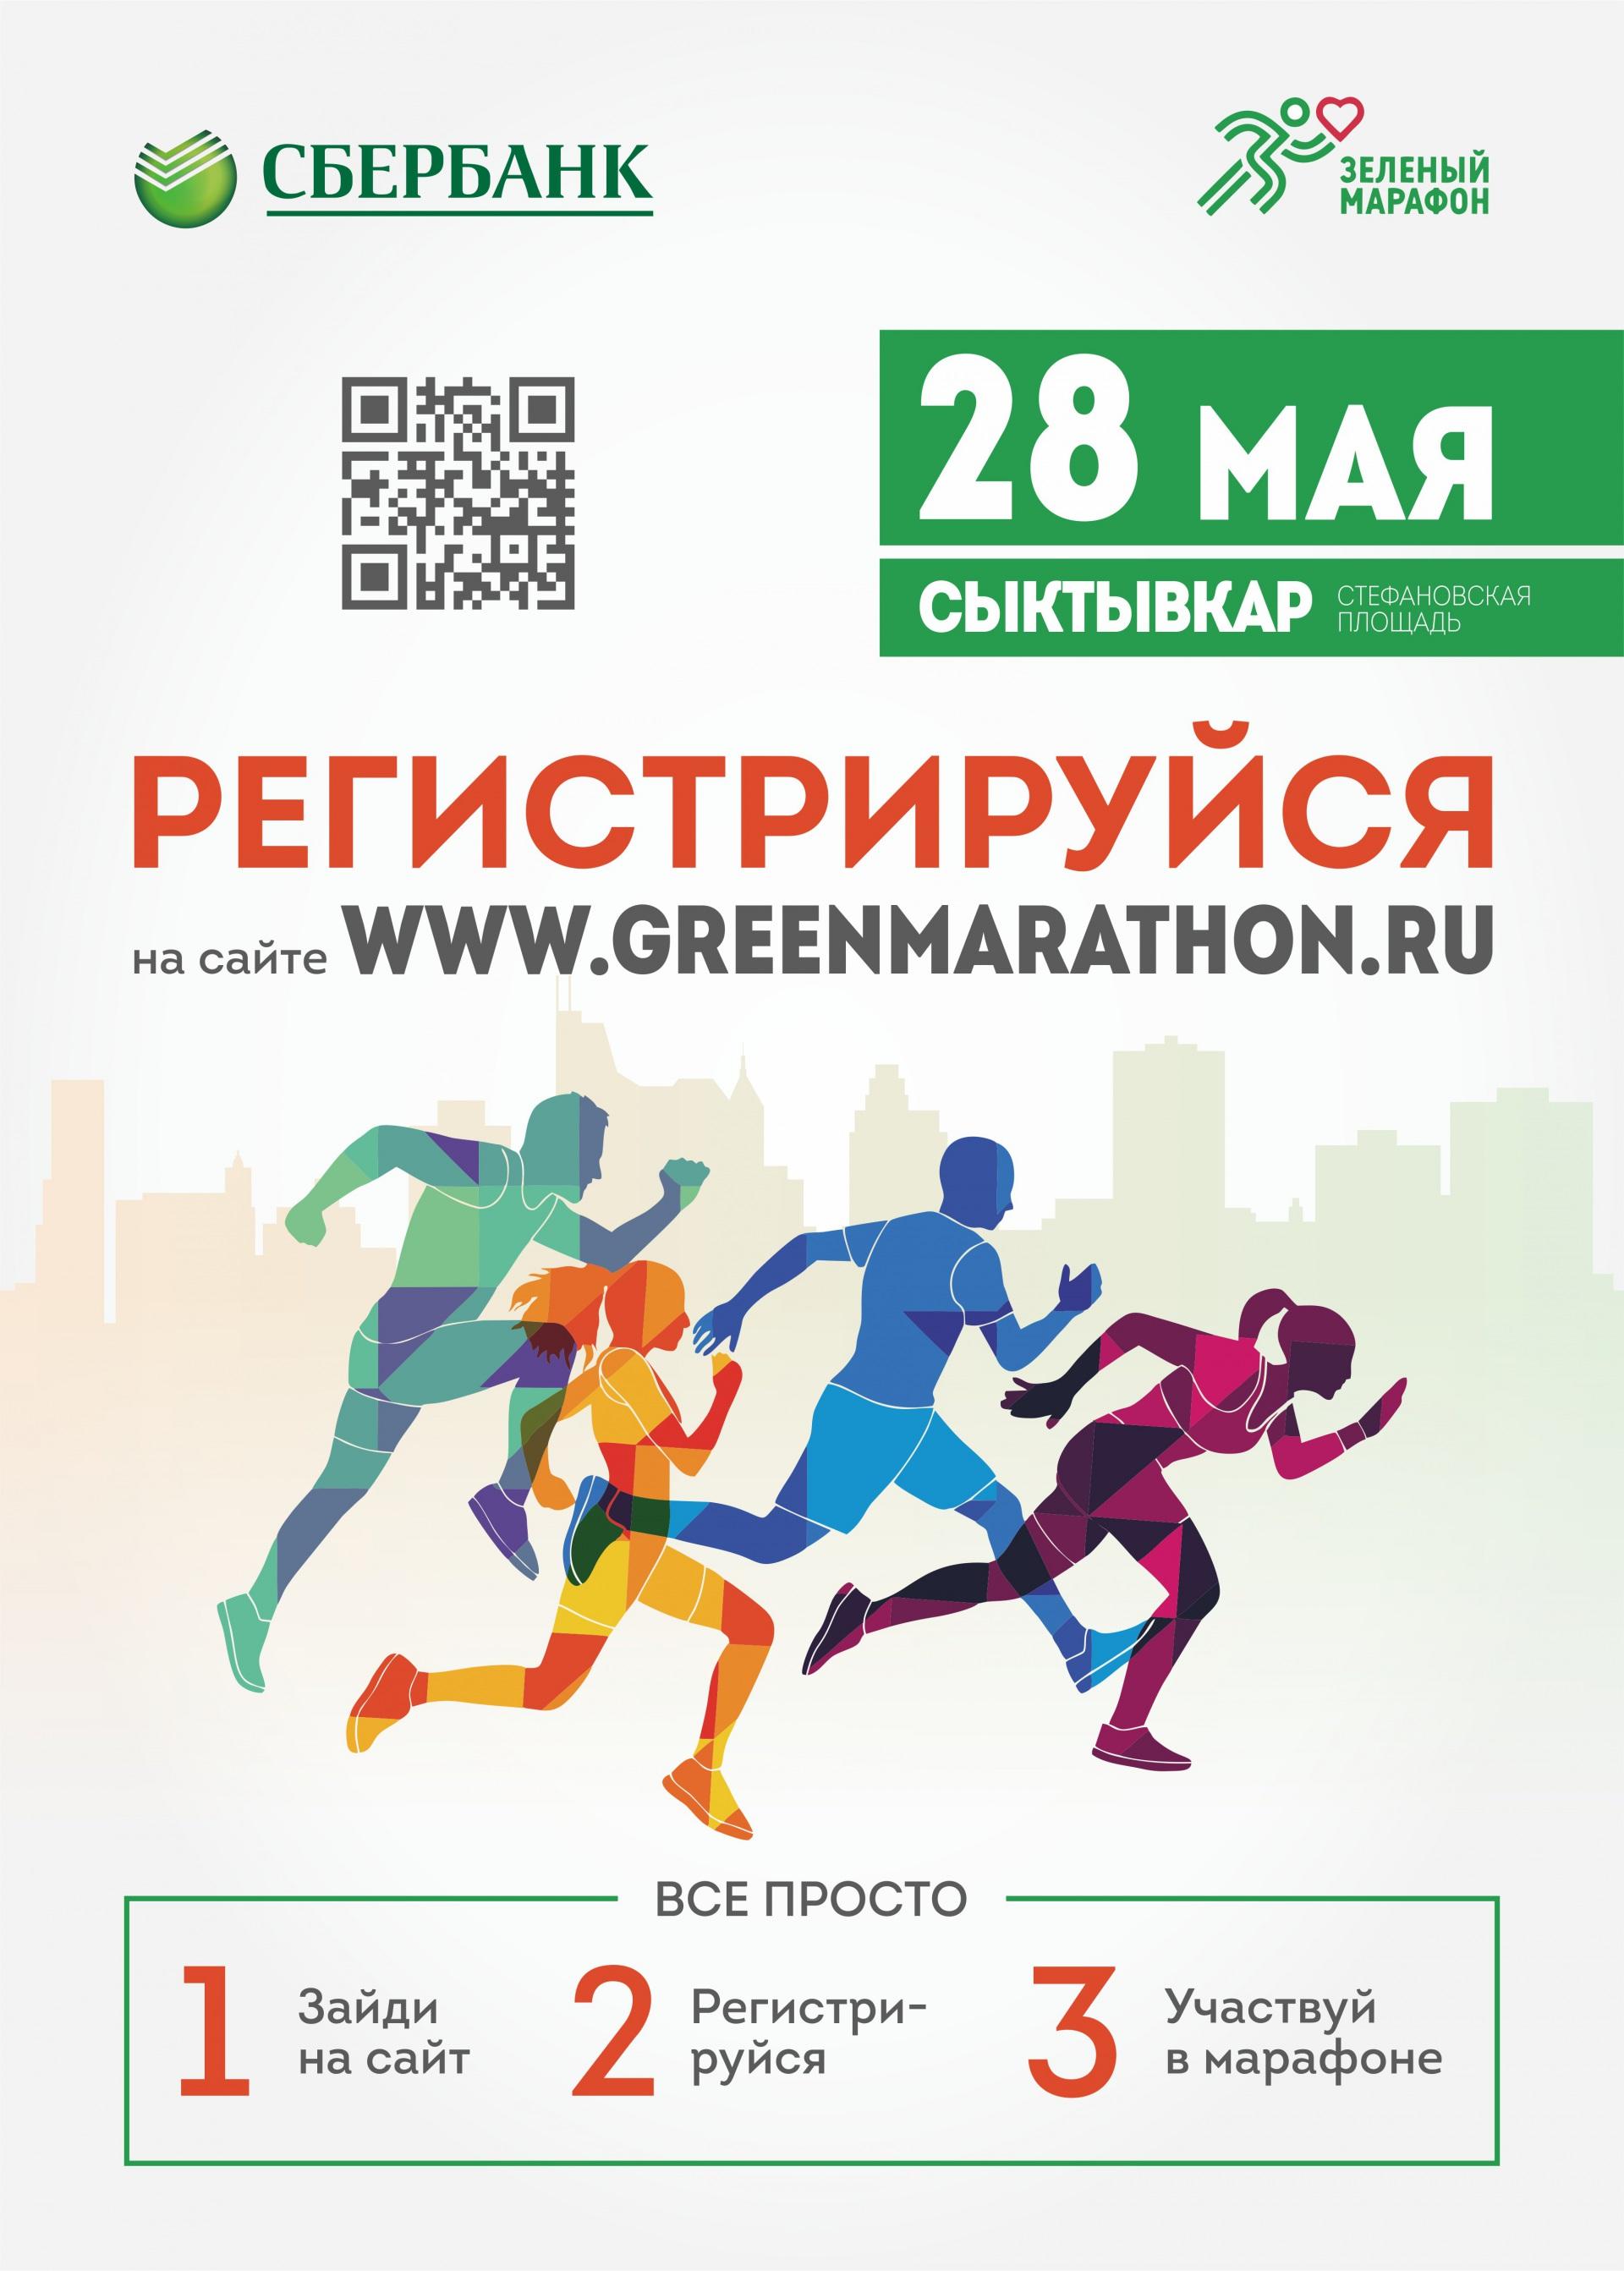 SB_Zelenyi_marafon_28_05_2017_Poster_Registraziya_Syktyk.jpg